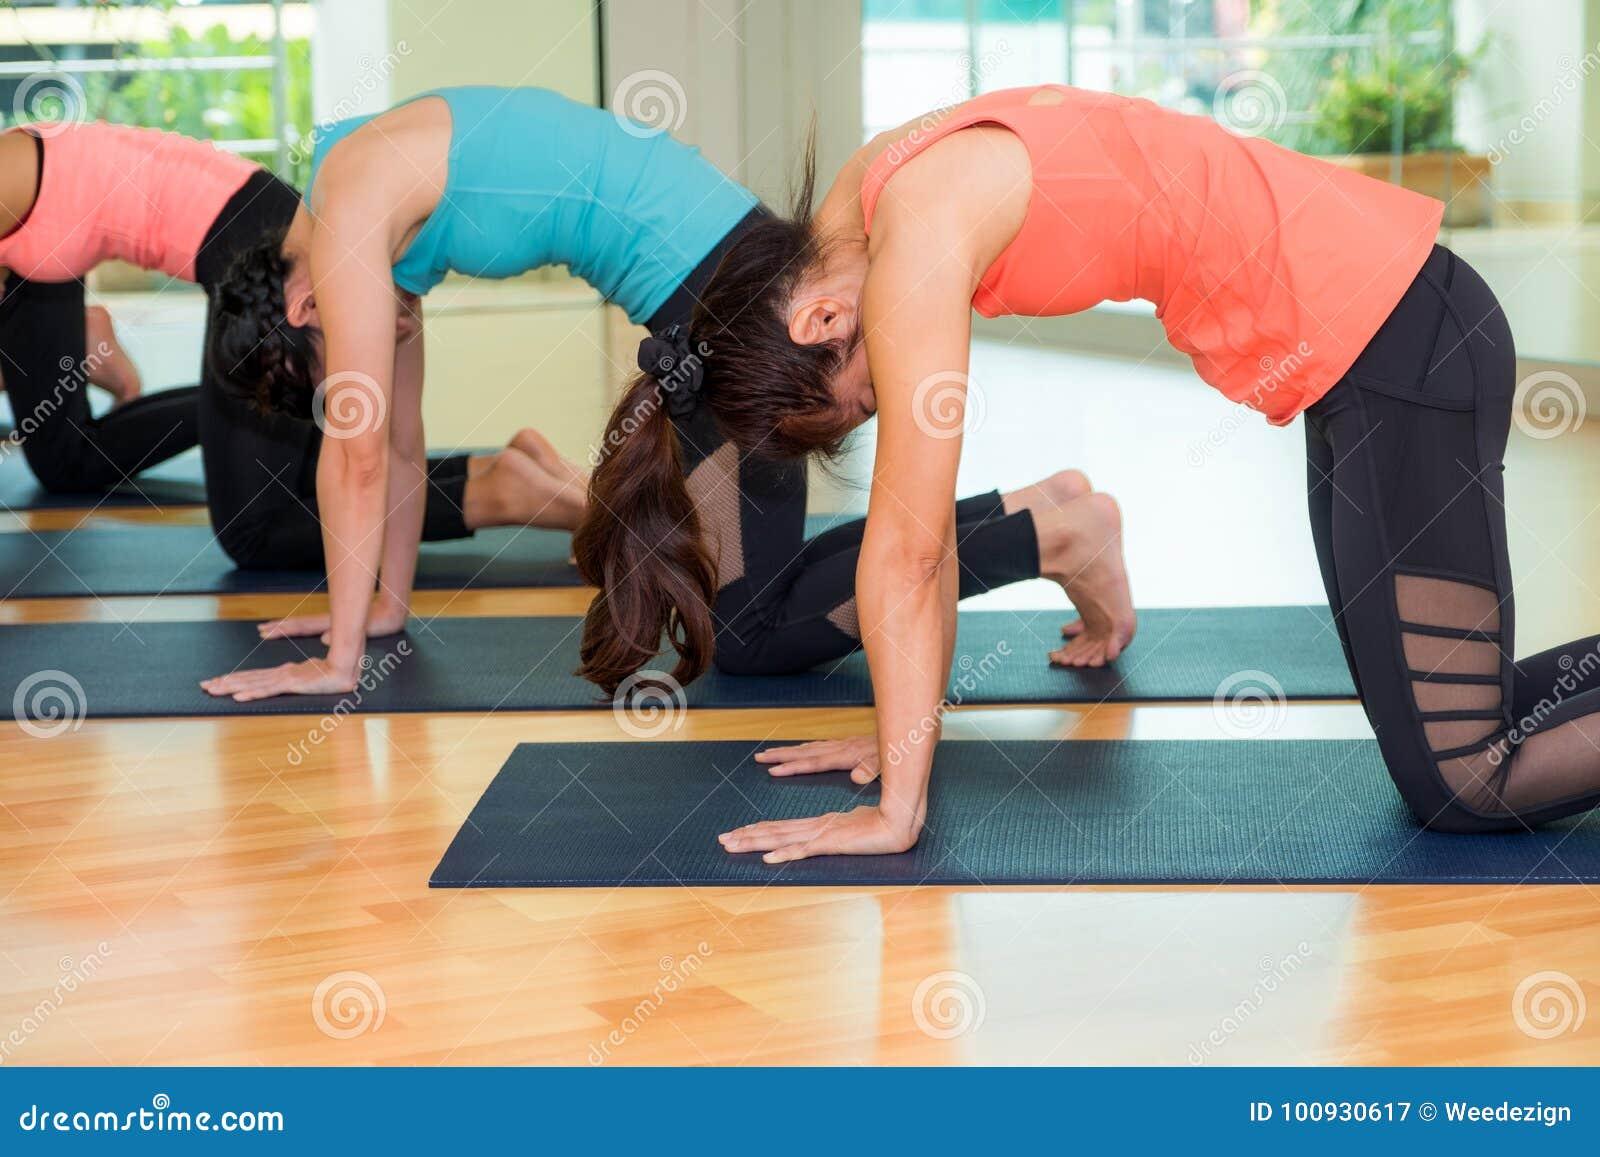 Le groupe de personnes faisant le chat de yoga pose dans la pièce de formation de studio, BAL